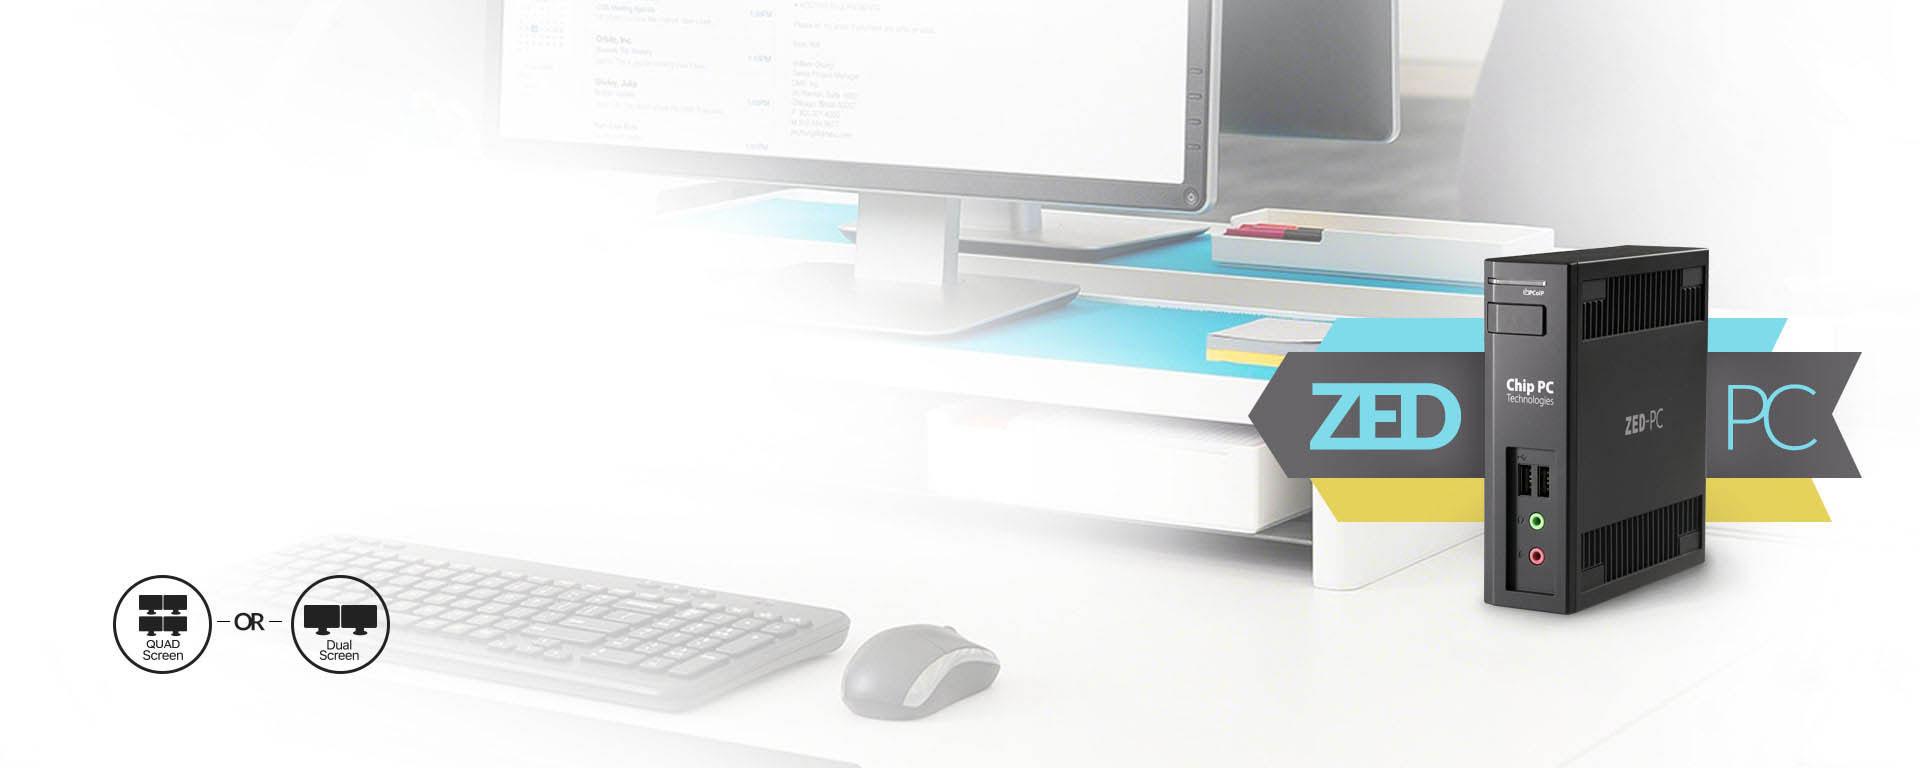 Chip PC - Citrix thin client | Citrix Thin Client and